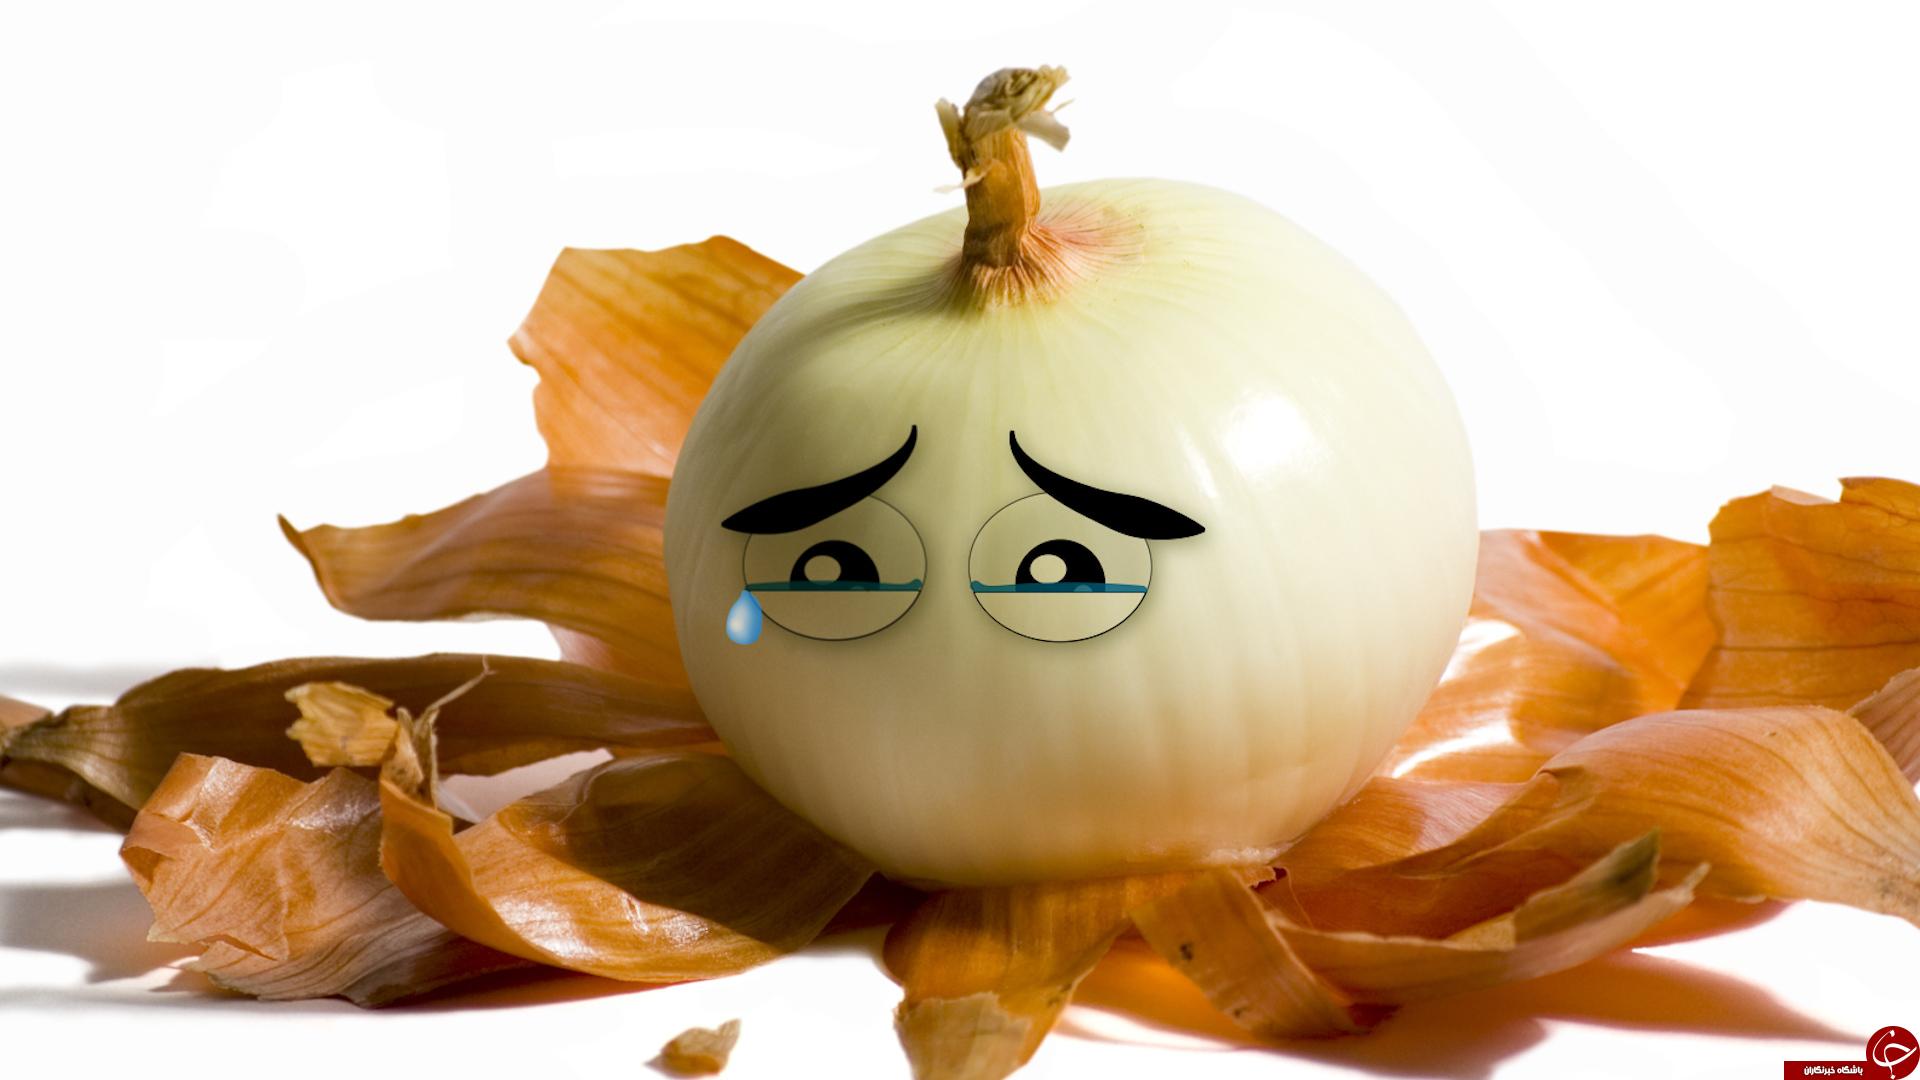 آیا میدانید؛ چرا در زمان پوست کندن پیاز گریه می کنید؟! +فواید این گریه و راه هایی برای جلوگیری از آن/ بو کردن آب پیاز چه خاصیتی دارد؟